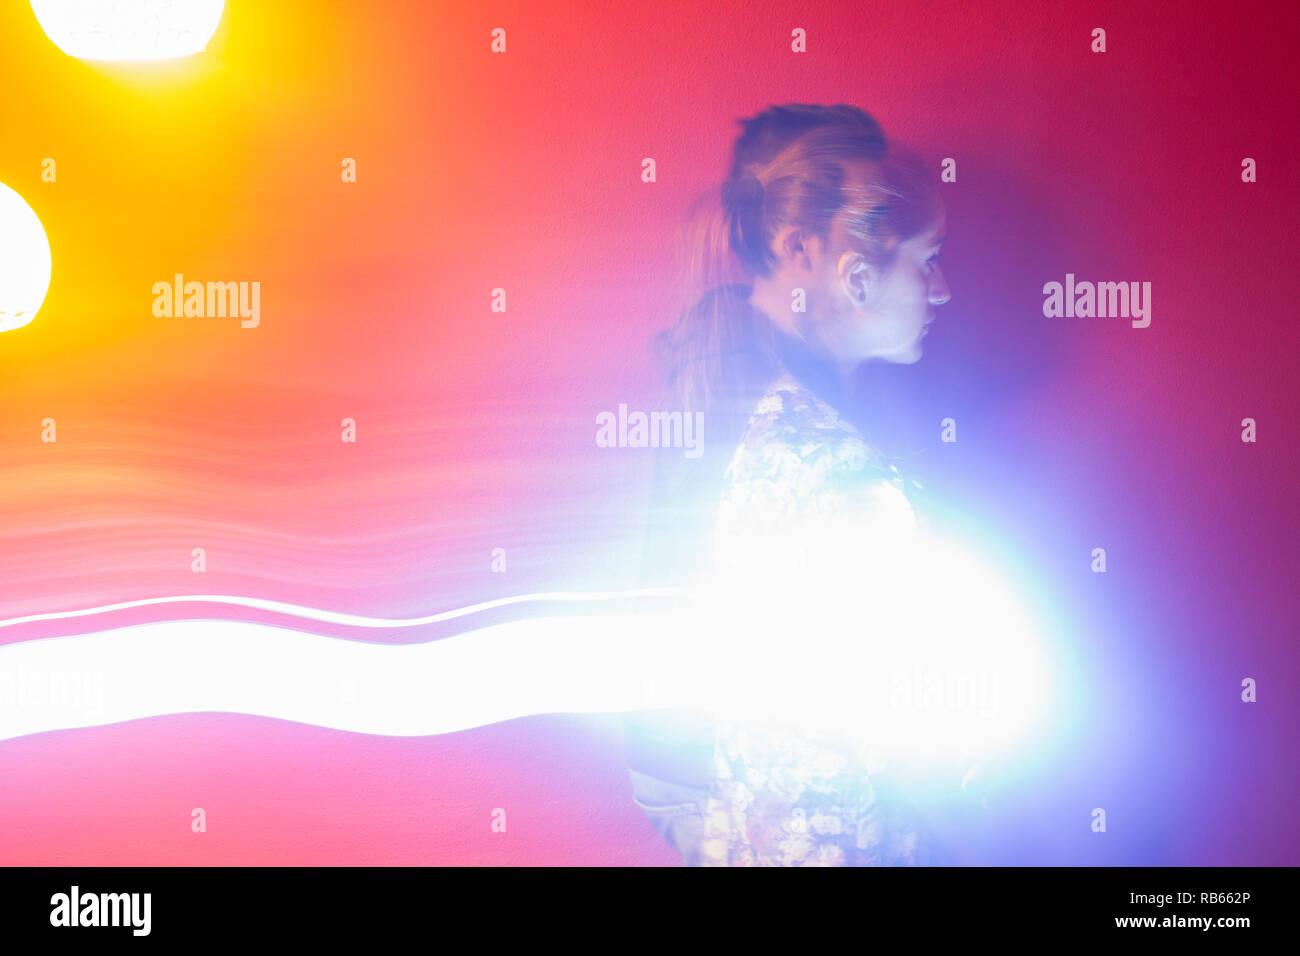 Un par de jóvenes mujeres y hombres con transparencia, fondo rojo y luces brillantes Imagen De Stock